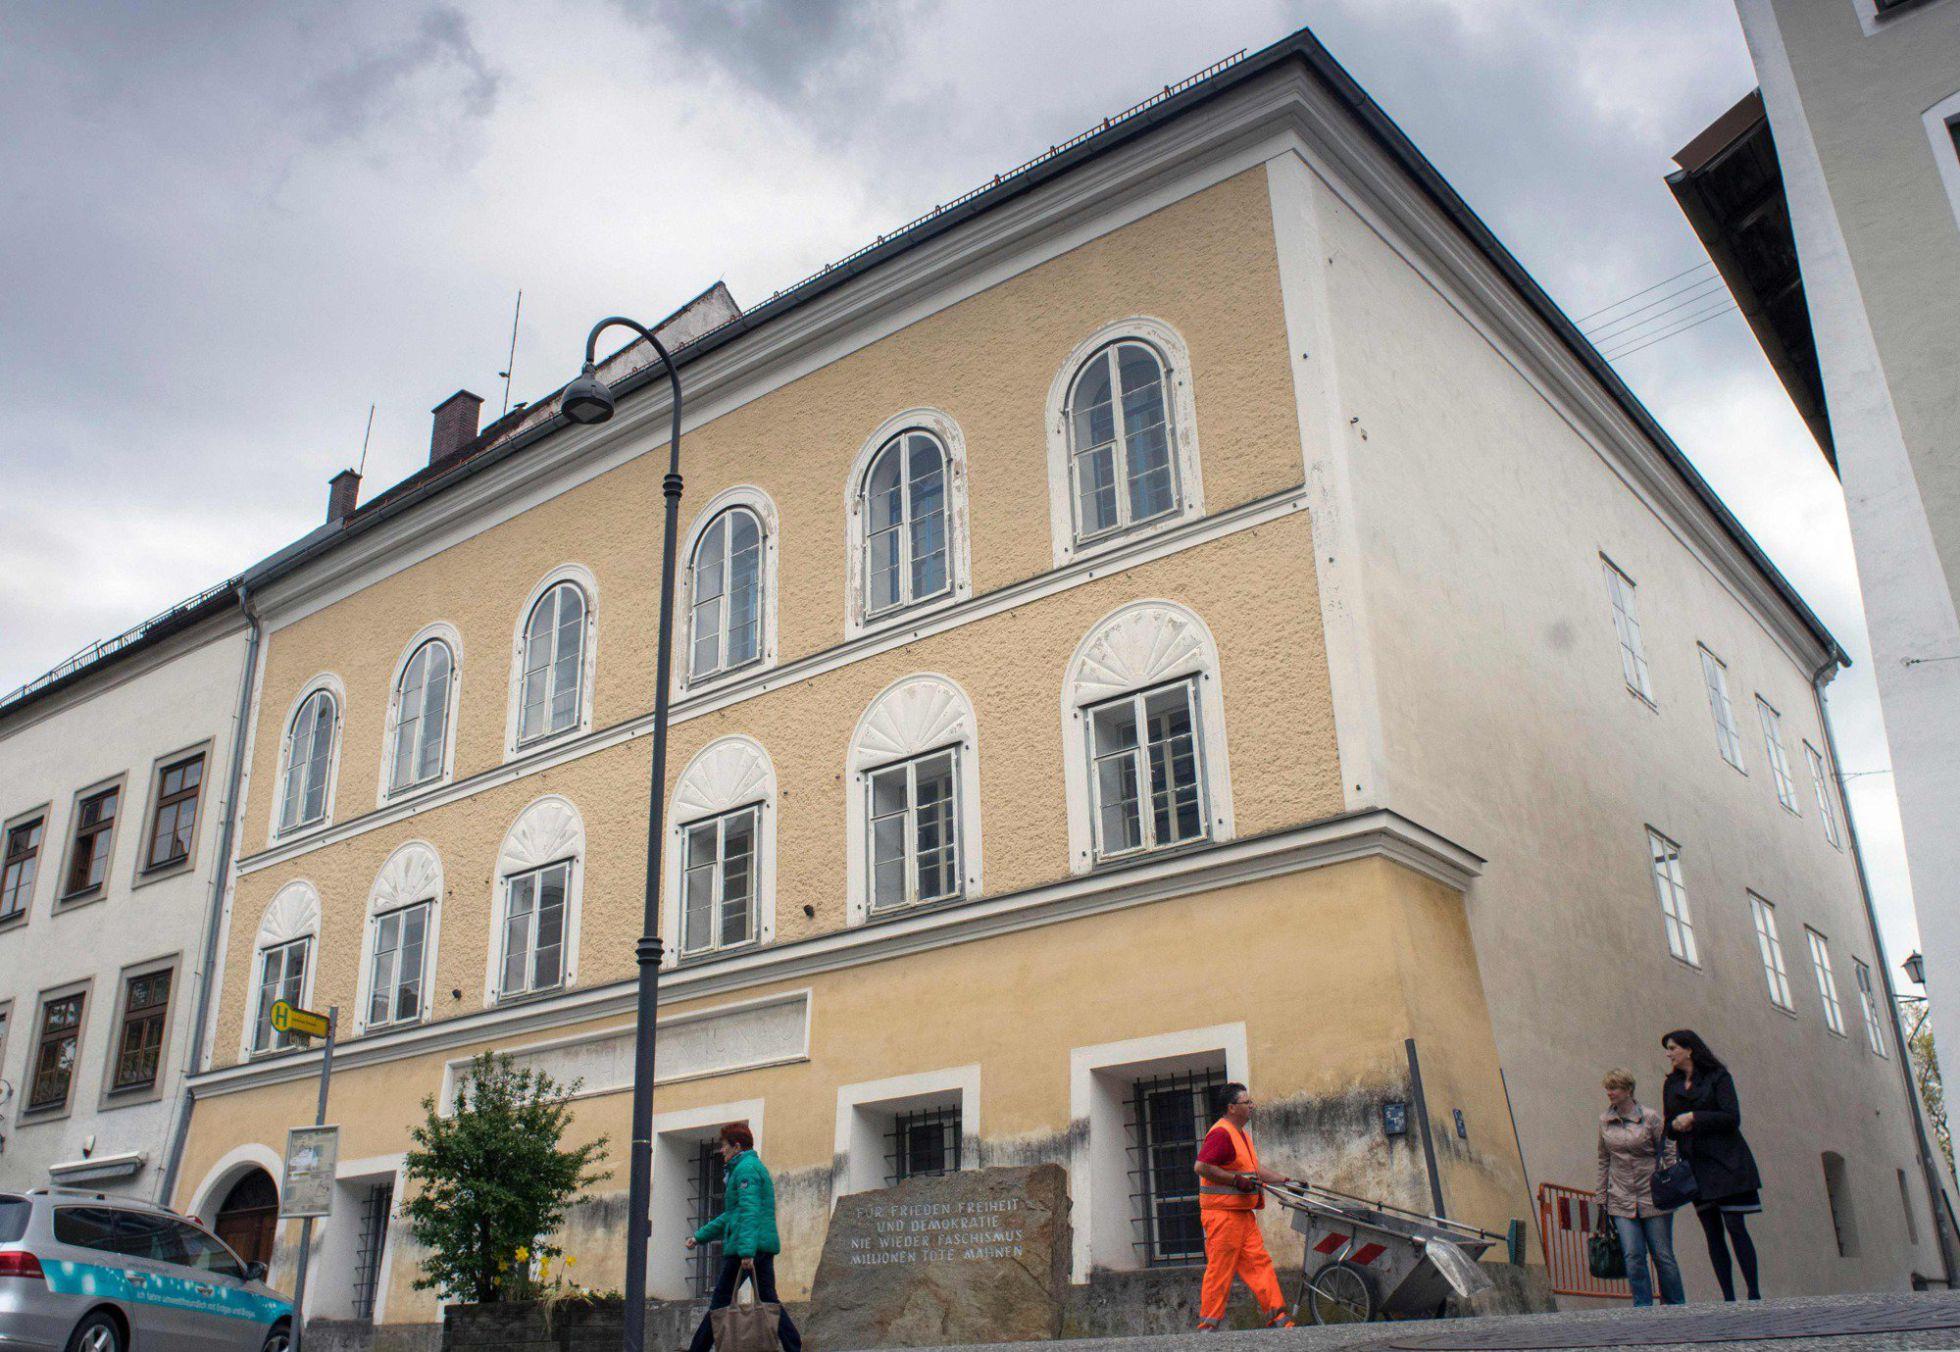 """Casa natal de Hitler en Braunau Am Inn (Austria) con el monolito de piedra de Mauthausen que reza: """"Por la paz, la libertad y la democracia. Nunca más el fascismo. Millones de muertos lo advierten"""" frente a la entrada - Fuente: JOE KLAMAR AFP / Reuters-Quality"""